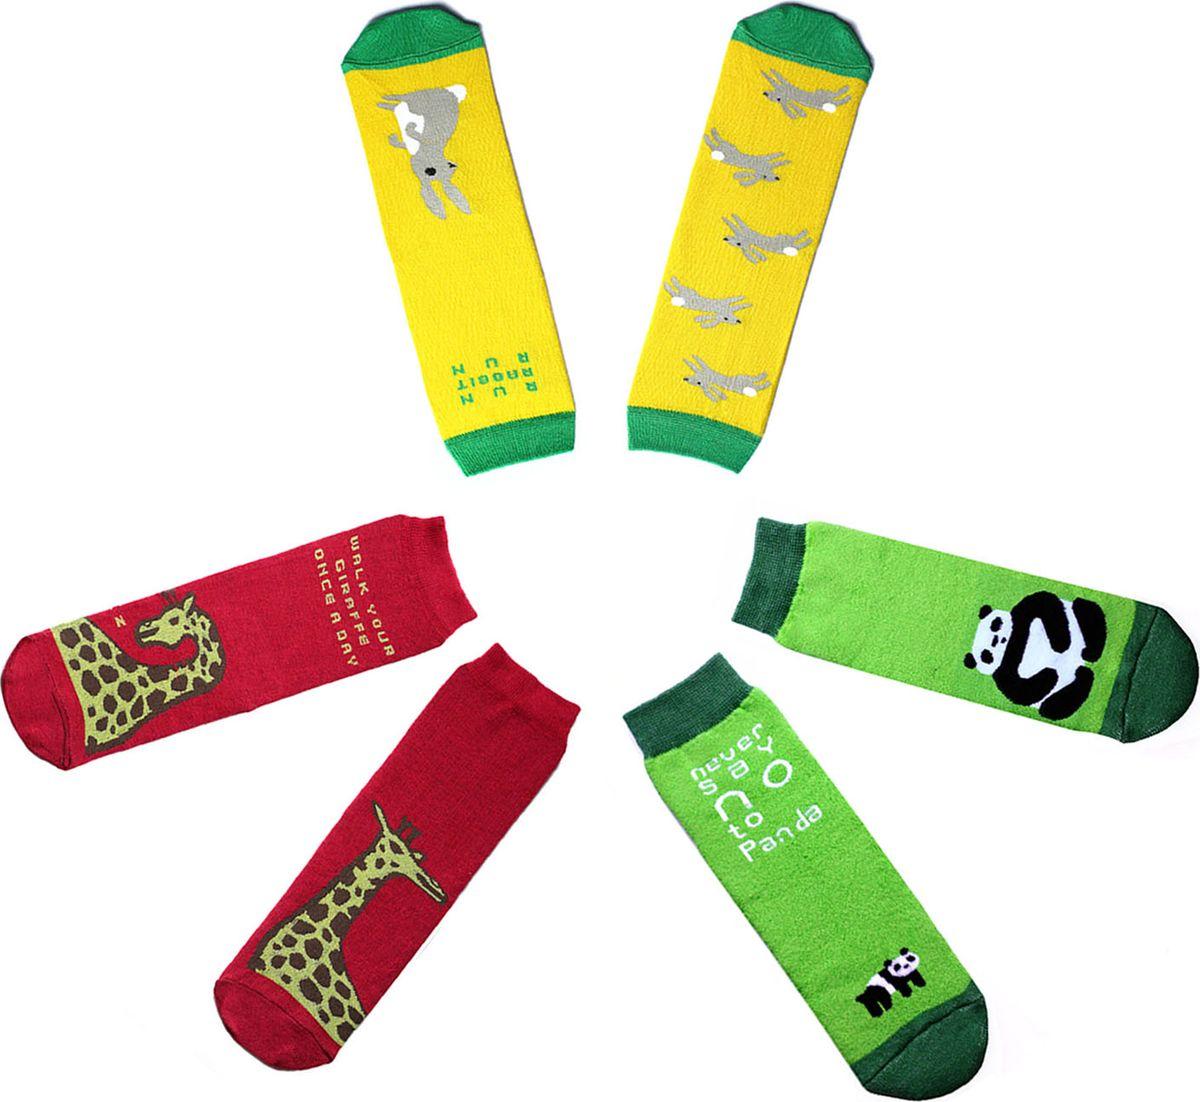 Носки мужские Big Bang Socks, цвет: желтый, бордовый, салатовый, 3 пары. p0331. Размер 40-44p0311/p0321/p0331Яркие носки Big Bang Socks изготовлены из высококачественного хлопка с добавлением полиамидных и эластановых волокон, которые обеспечивают великолепную посадку. Носки отличаются ярким стильным дизайном. Они оформлены изображением животных и забавными надписями на английском языке.